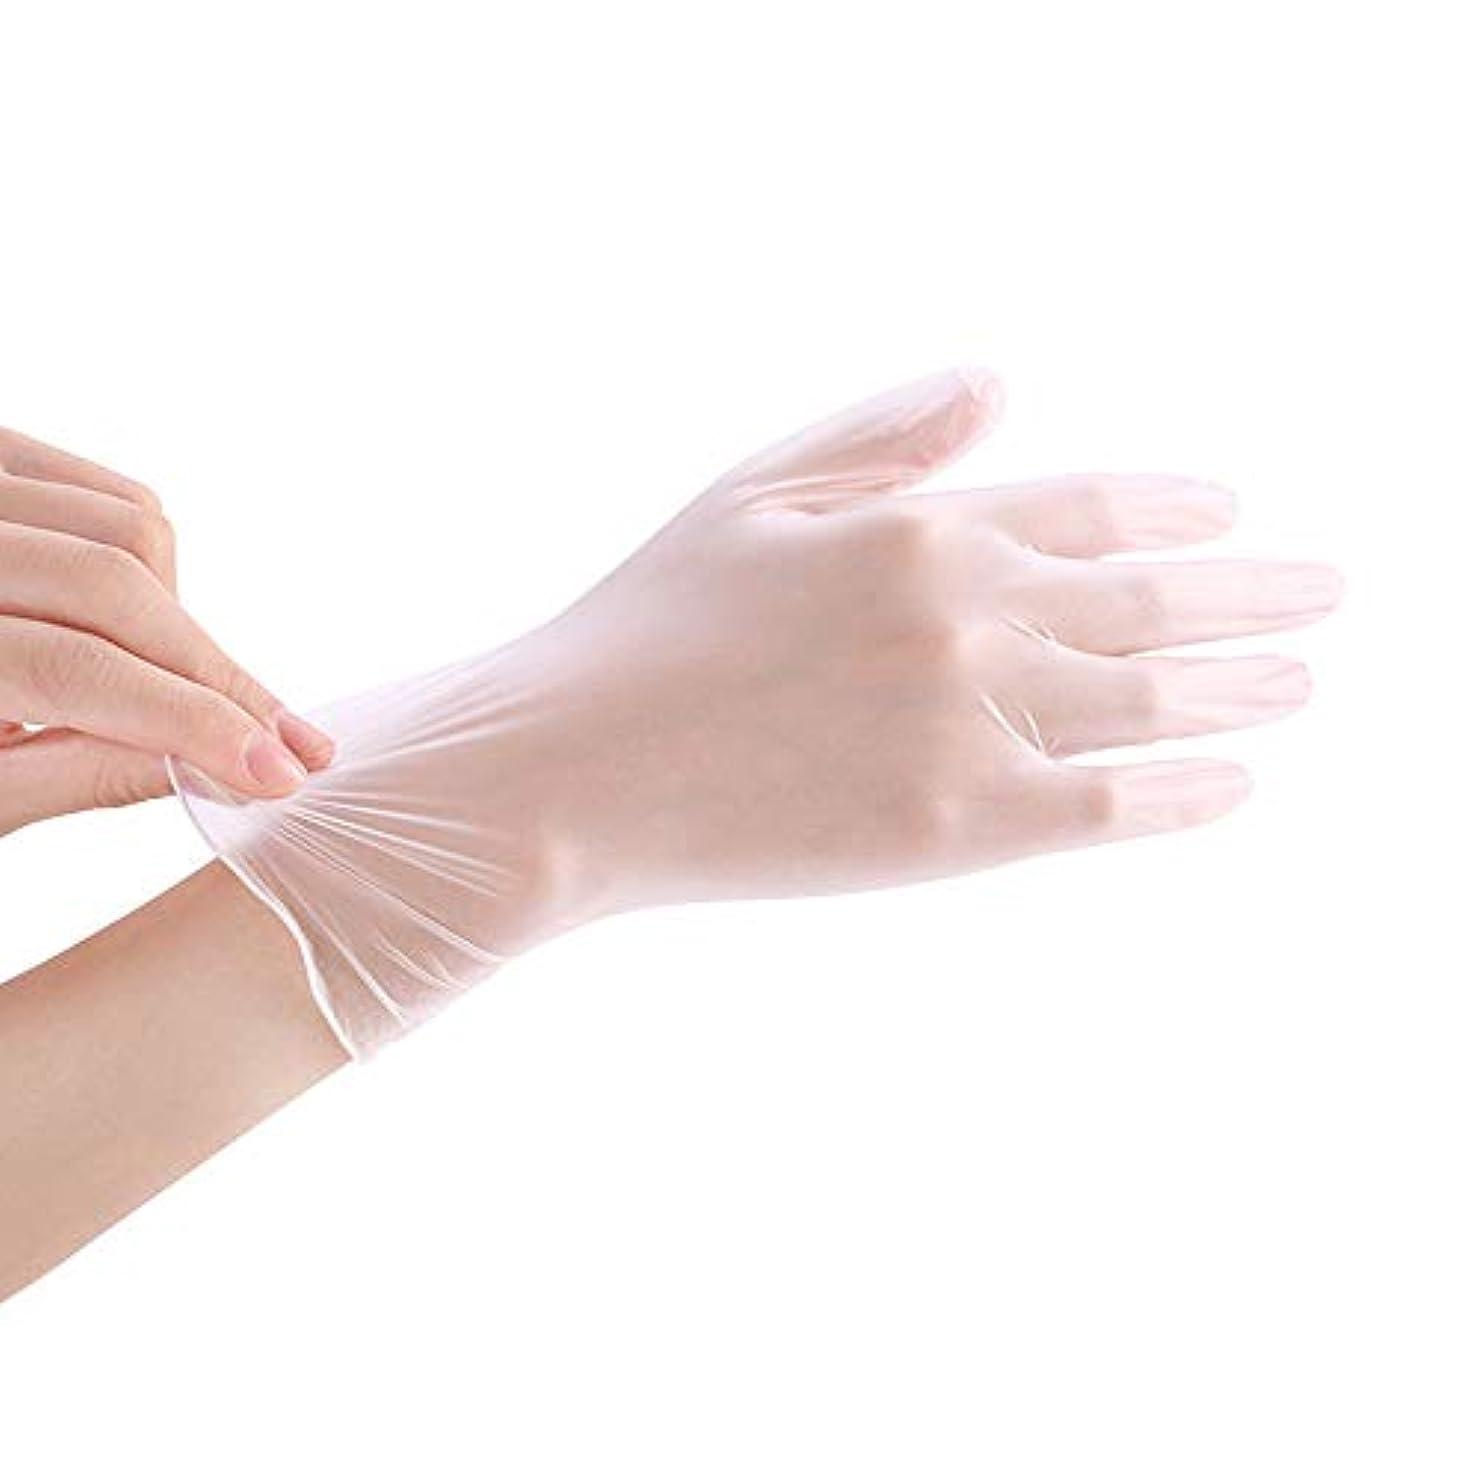 中止します谷ミネラルOrange Cat【100枚入り】 ビニール 使い捨て 手袋 極薄 透明 キッチン 美容 ベーキング 左右兼用 PVC製